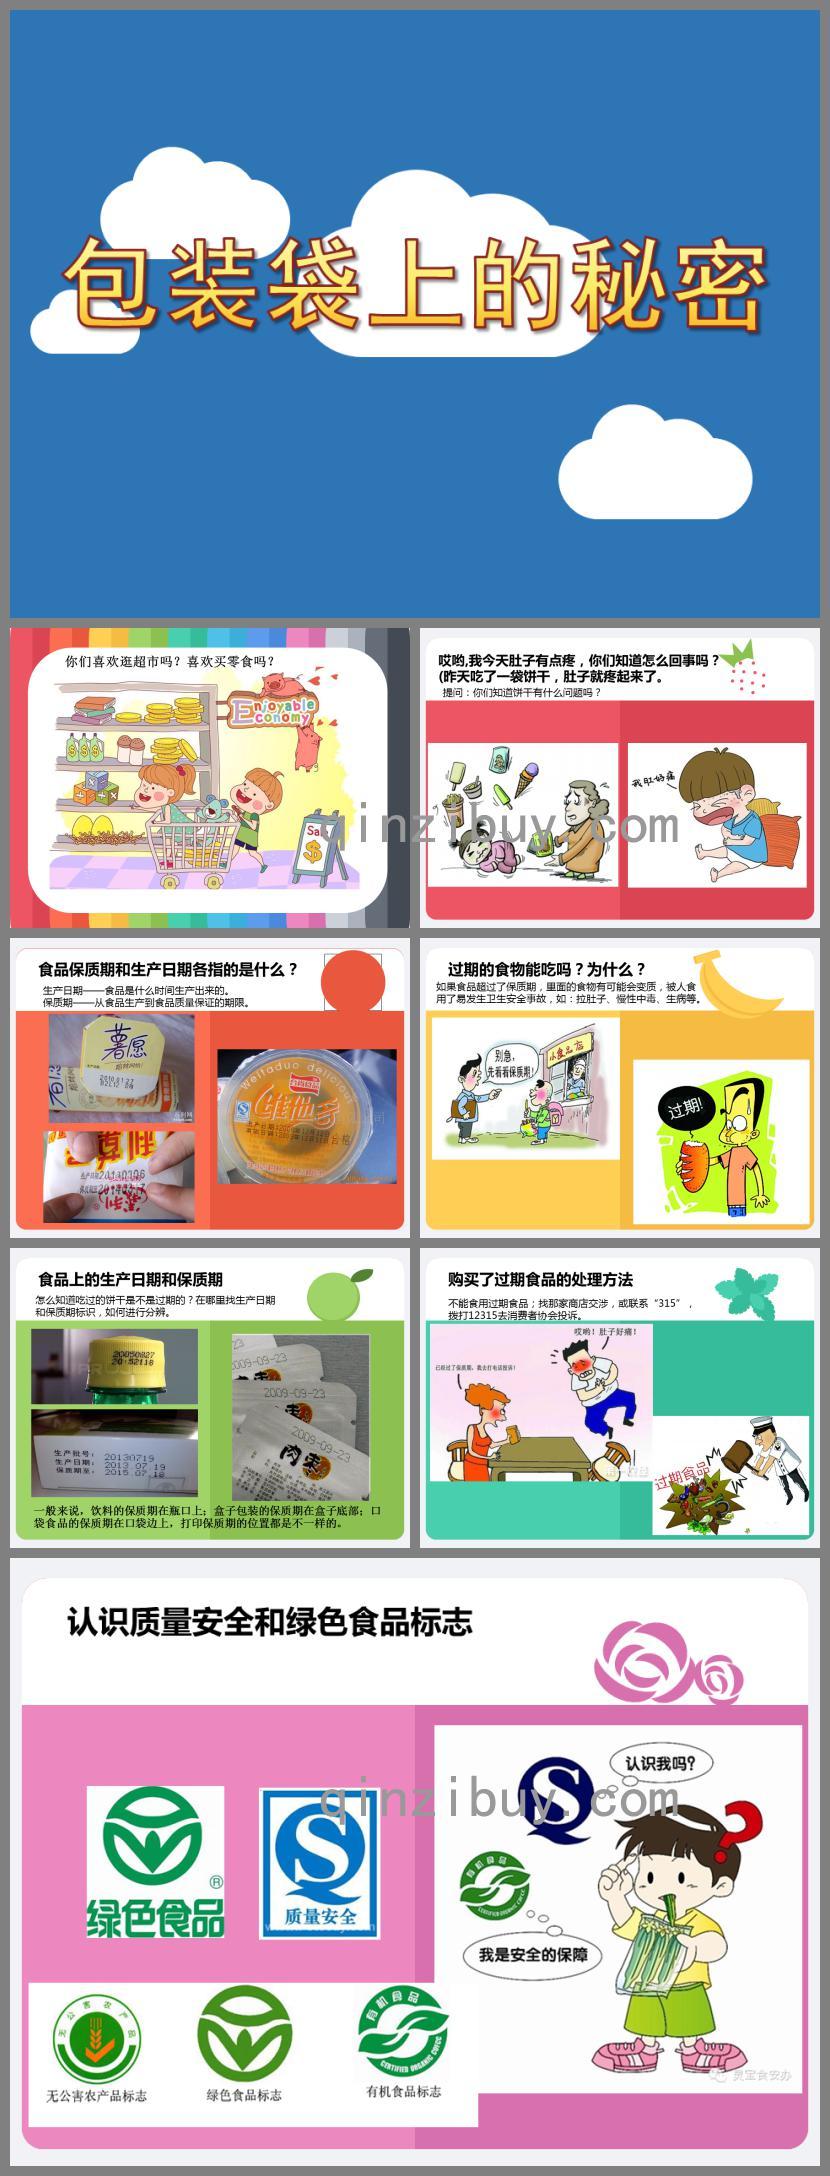 幼儿园健康包装袋上的秘密PPT课件